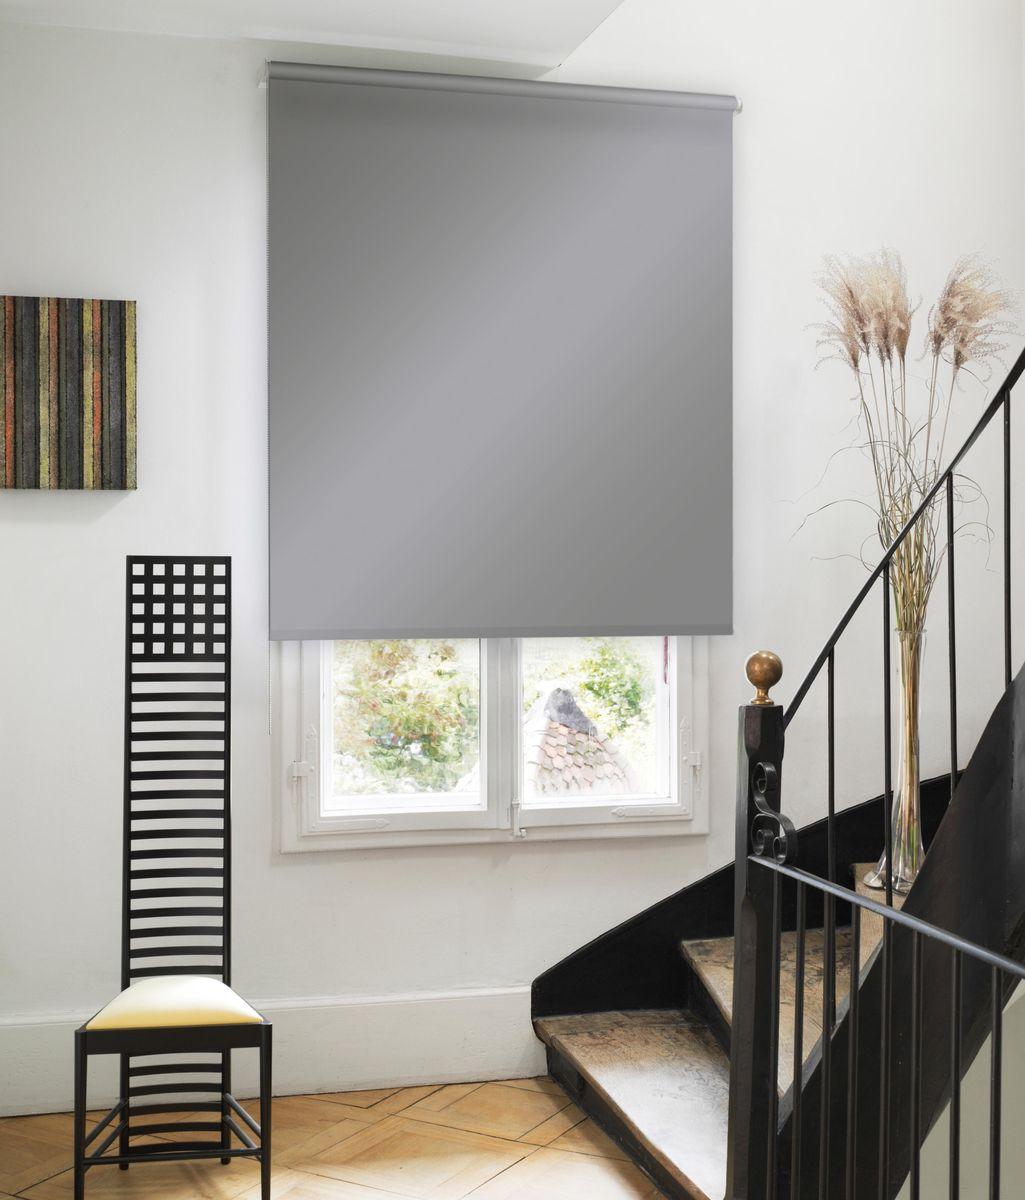 Штора рулонная Эскар, цвет: серый, ширина 60 см, высота 170 см81020060170Рулонными шторами можно оформлять окна как самостоятельно, так и использовать в комбинации с портьерами. Это поможет предотвратить выгорание дорогой ткани на солнце и соединит функционал рулонных с красотой навесных. Преимущества применения рулонных штор для пластиковых окон: - имеют прекрасный внешний вид: многообразие и фактурность материала изделия отлично смотрятся в любом интерьере; - многофункциональны: есть возможность подобрать шторы способные эффективно защитить комнату от солнца, при этом она не будет слишком темной. - Есть возможность осуществить быстрый монтаж. ВНИМАНИЕ! Размеры ширины изделия указаны по ширине ткани! Во время эксплуатации не рекомендуется полностью разматывать рулон, чтобы не оторвать ткань от намоточного вала. В случае загрязнения поверхности ткани, чистку шторы проводят одним из способов, в зависимости от типа загрязнения: легкое поверхностное загрязнение можно удалить при помощи канцелярского ластика; чистка от пыли производится сухим методом при...